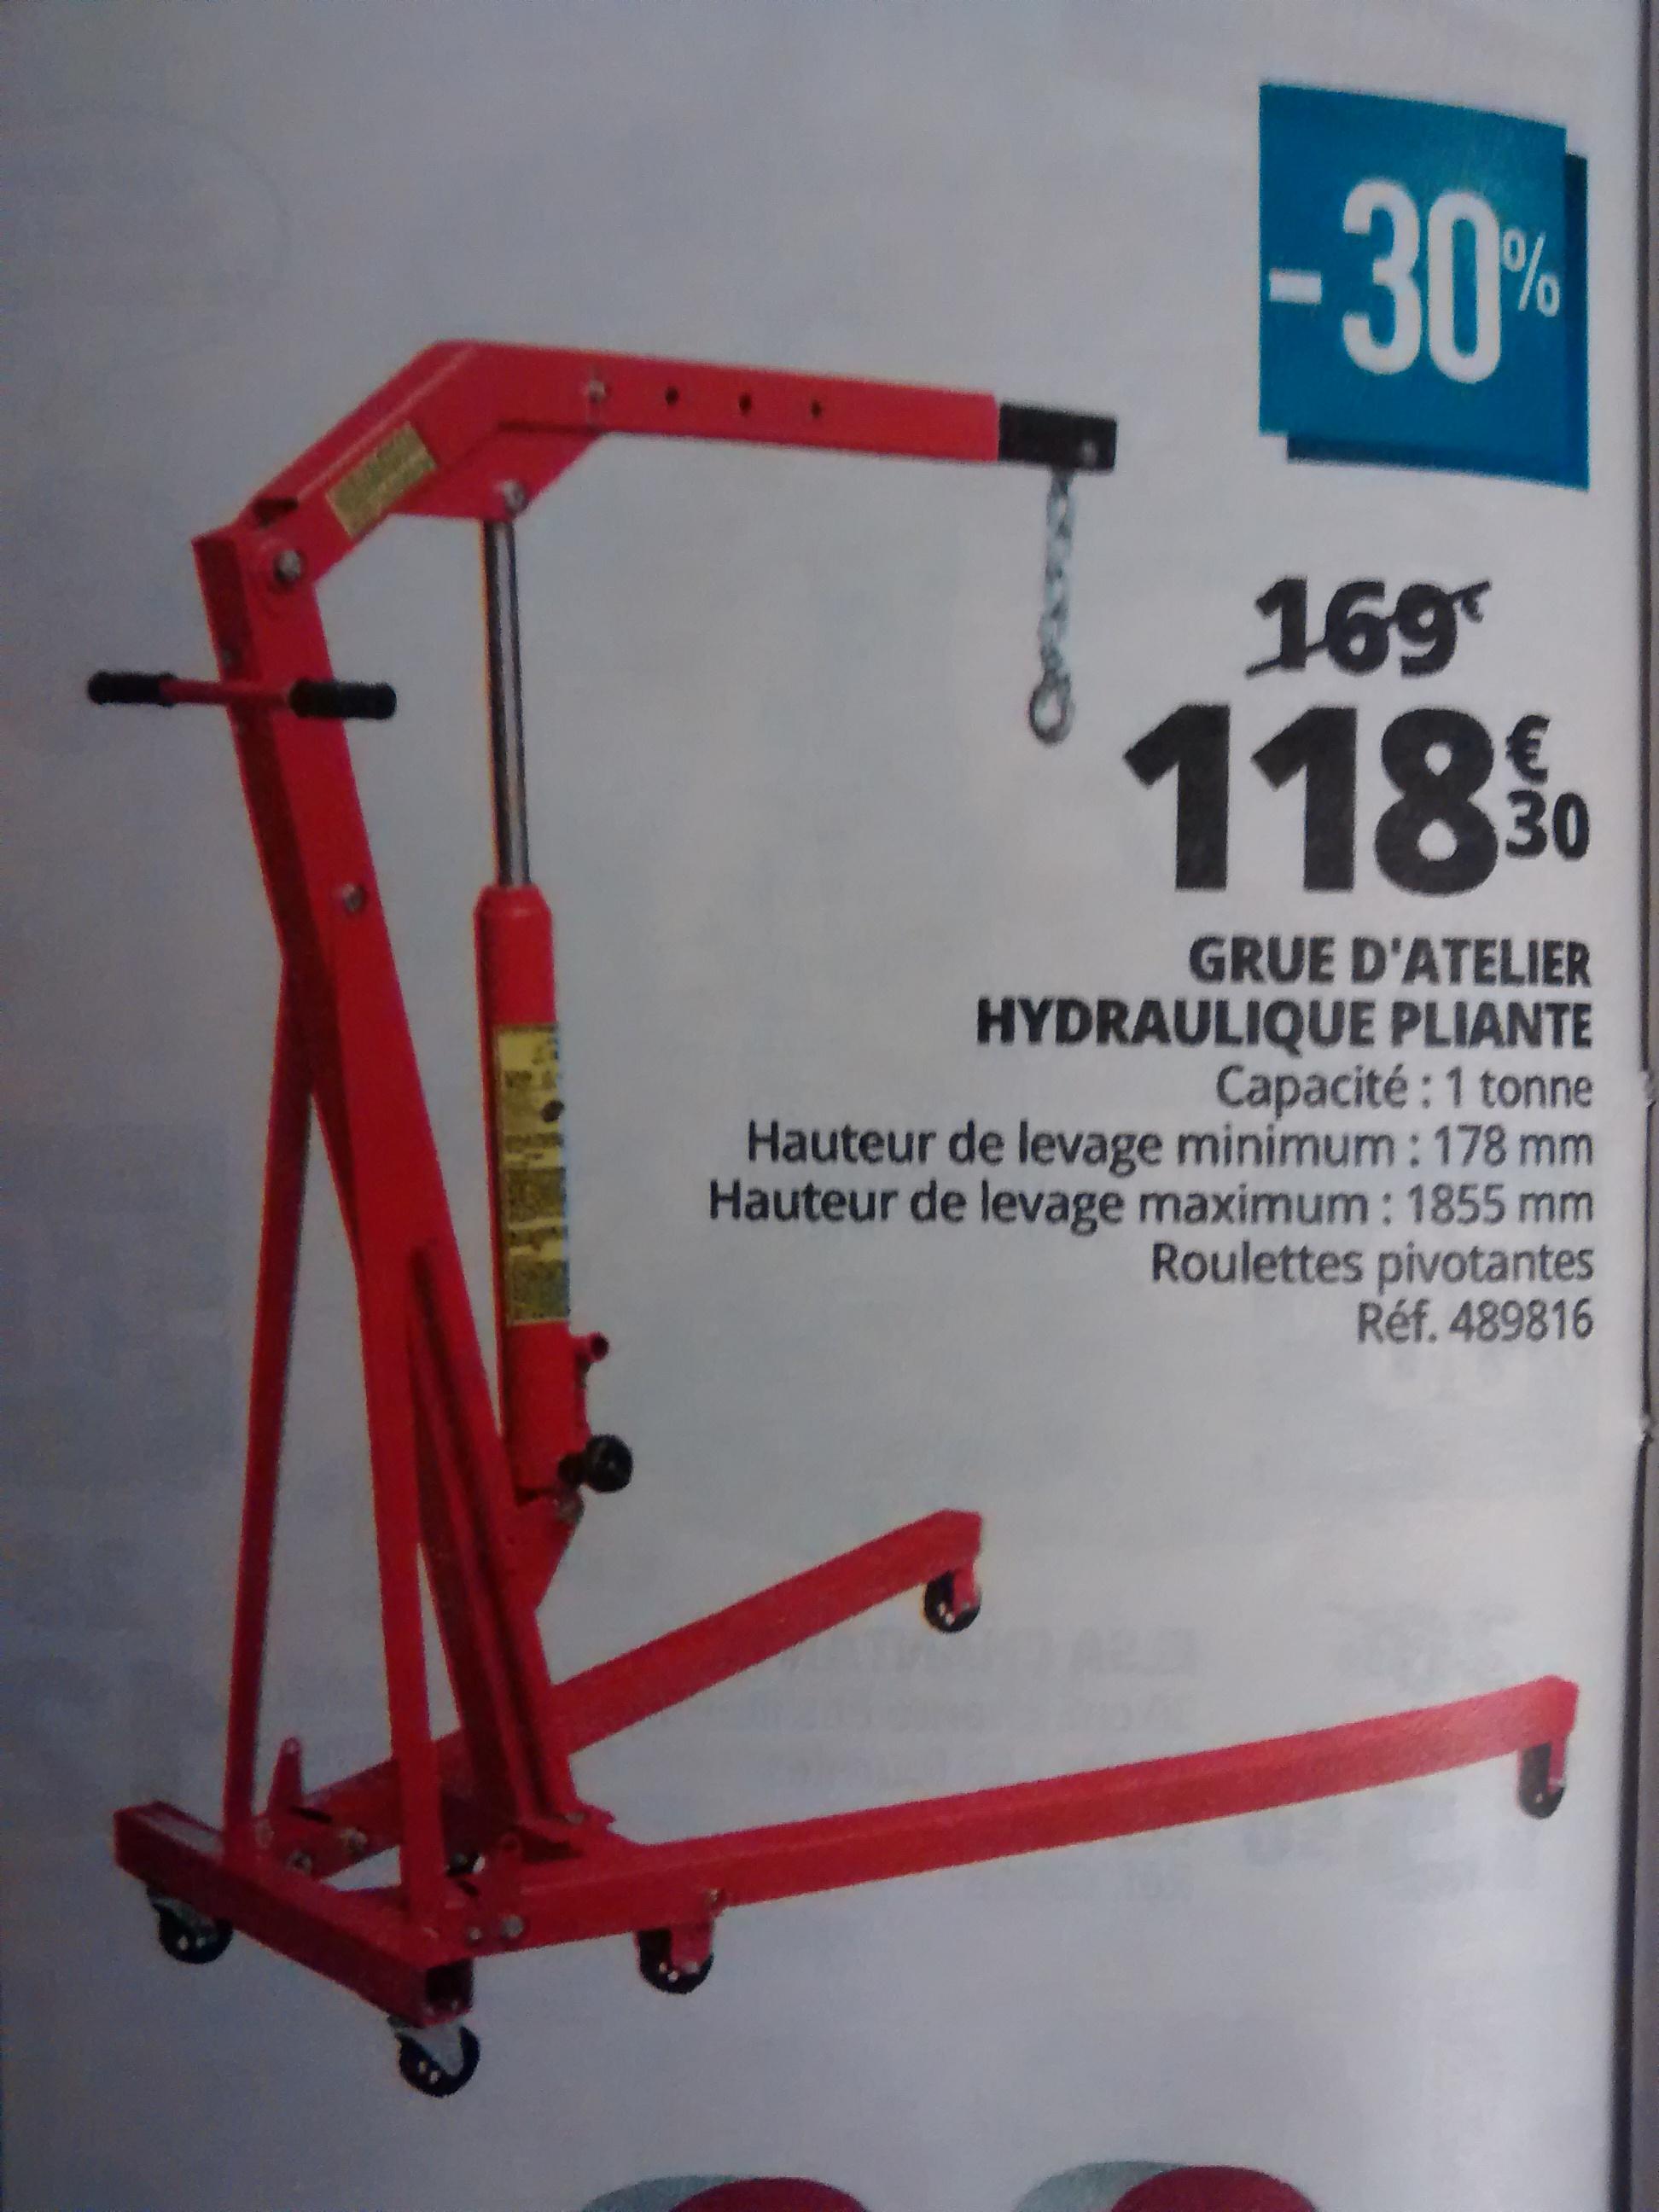 Grue d'atelier hydraulique pliante - Capacité 1 Tonne